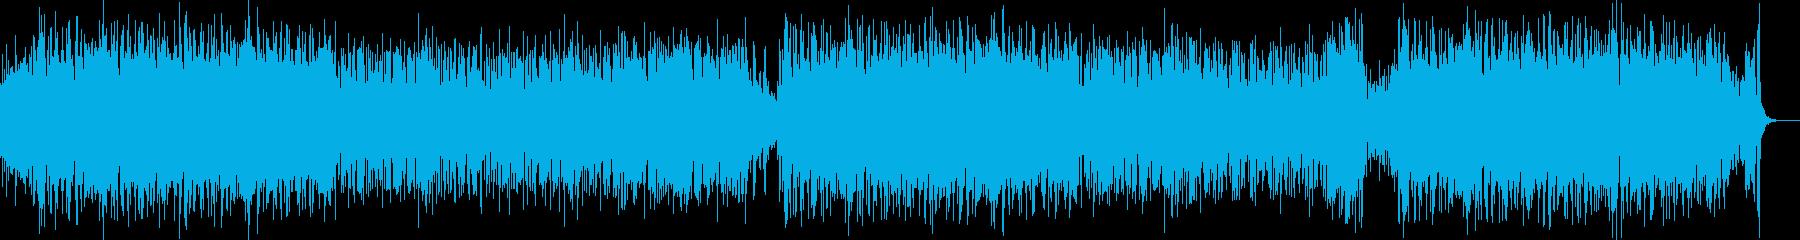 陽気なビッグバンドジャズ風のポップな曲の再生済みの波形